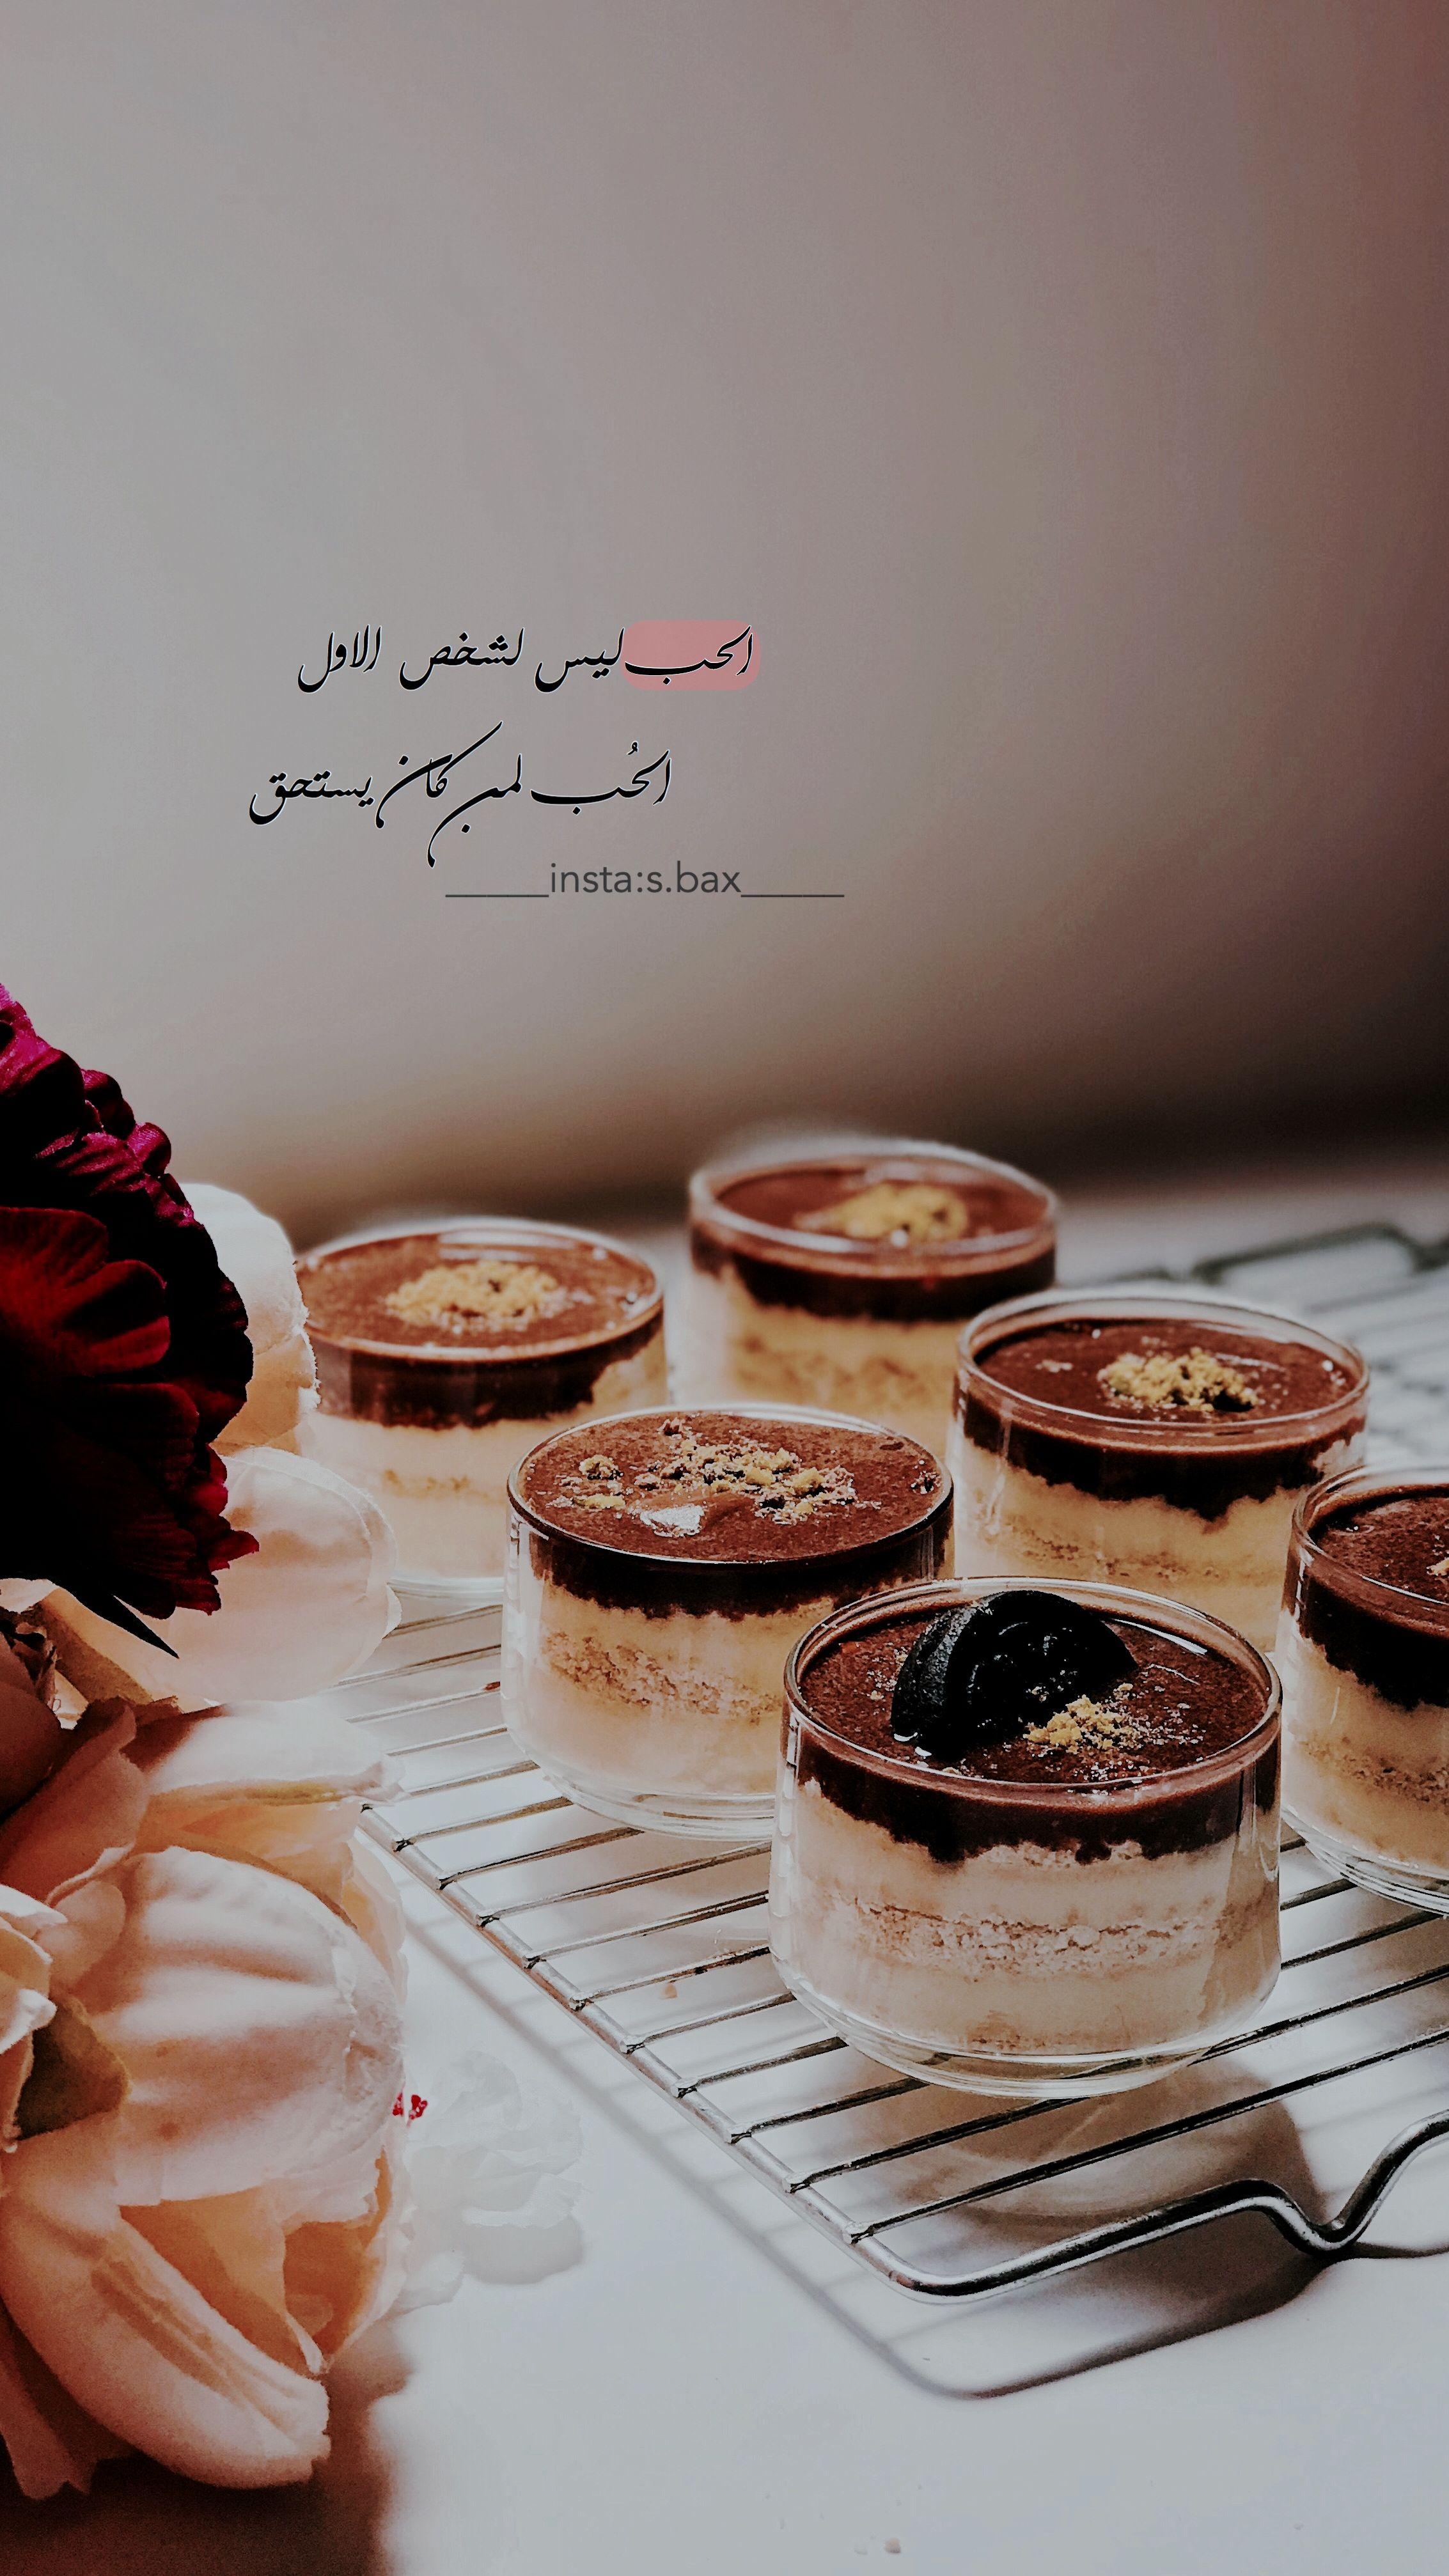 افكار تصوير Food Food Photography Tips Food Photography